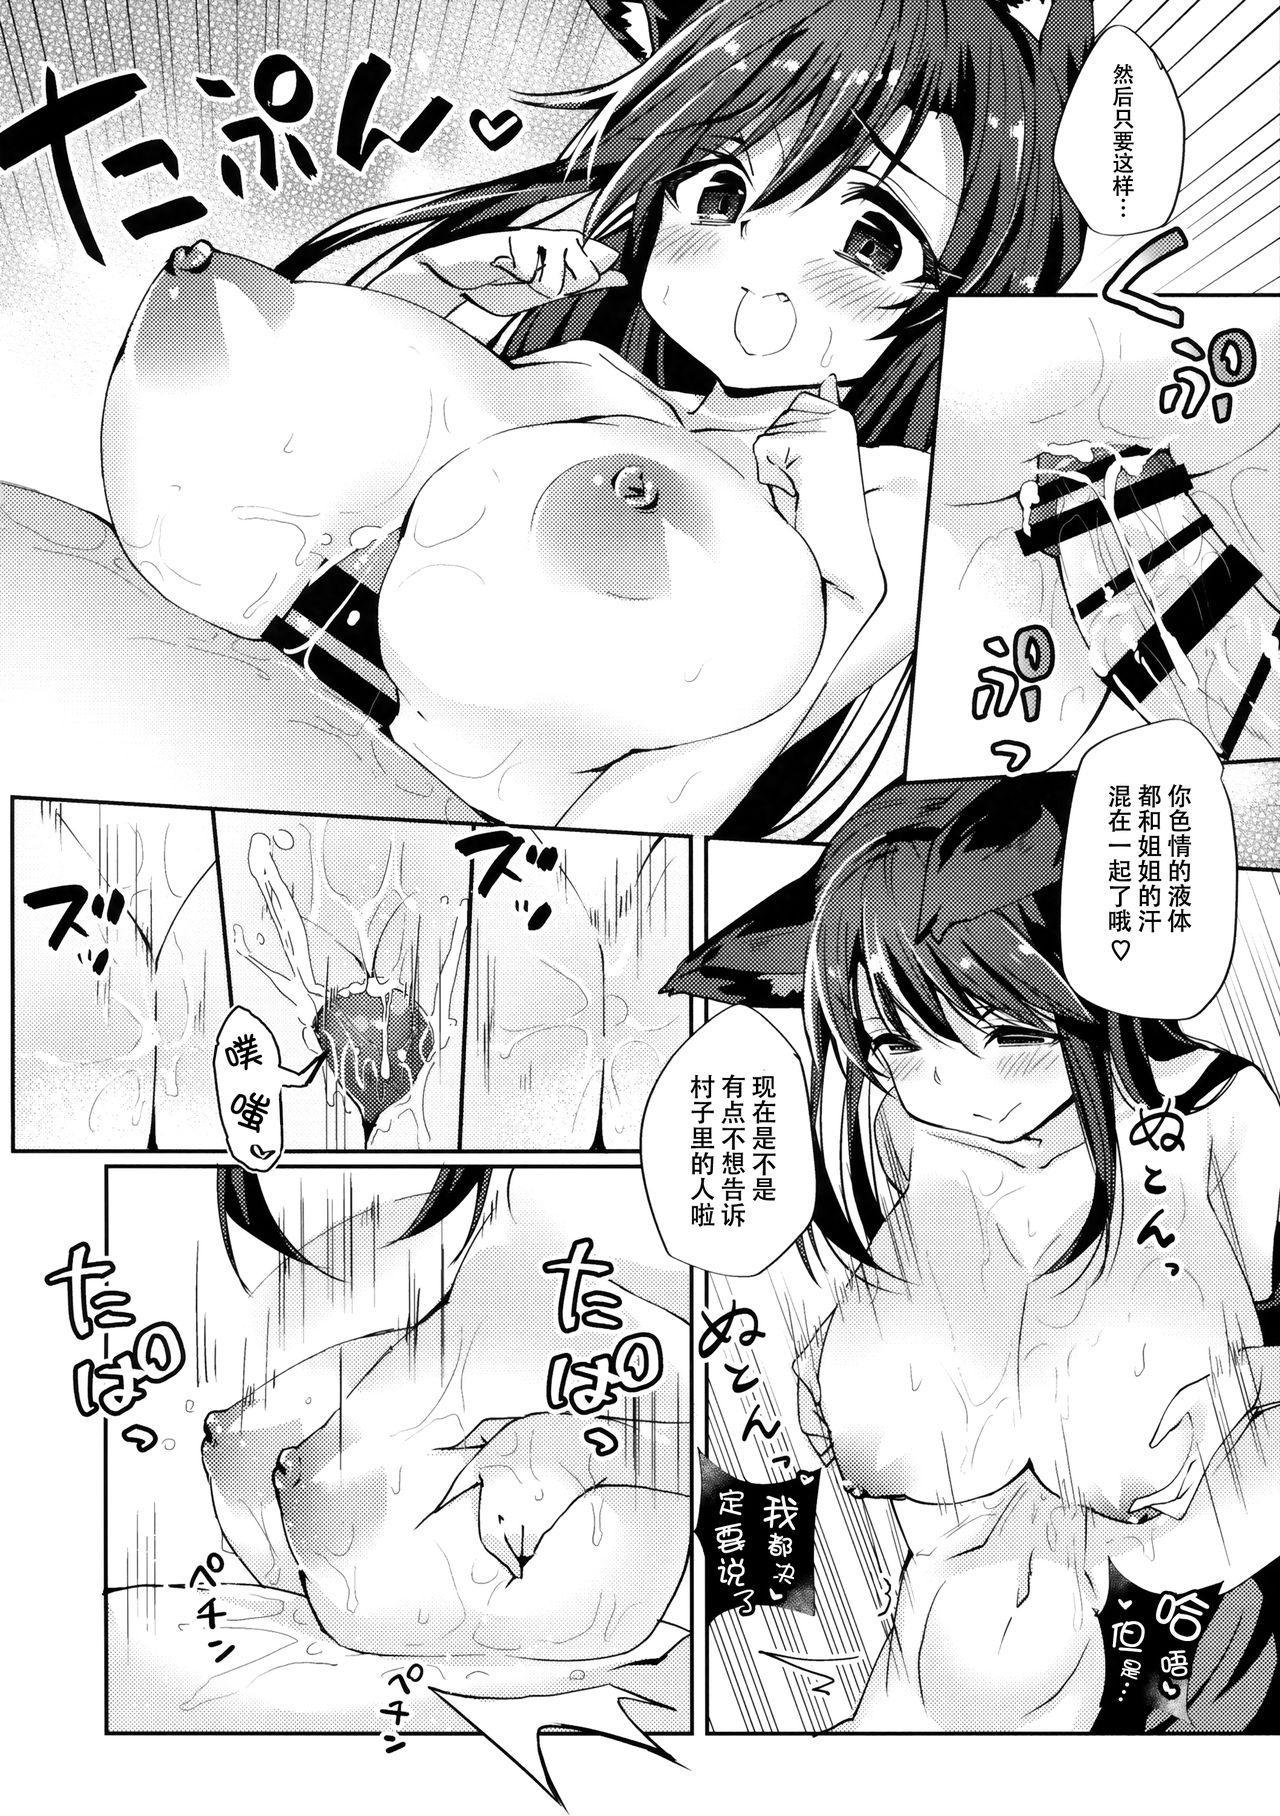 Ookami-san wa Kowakunai! 9